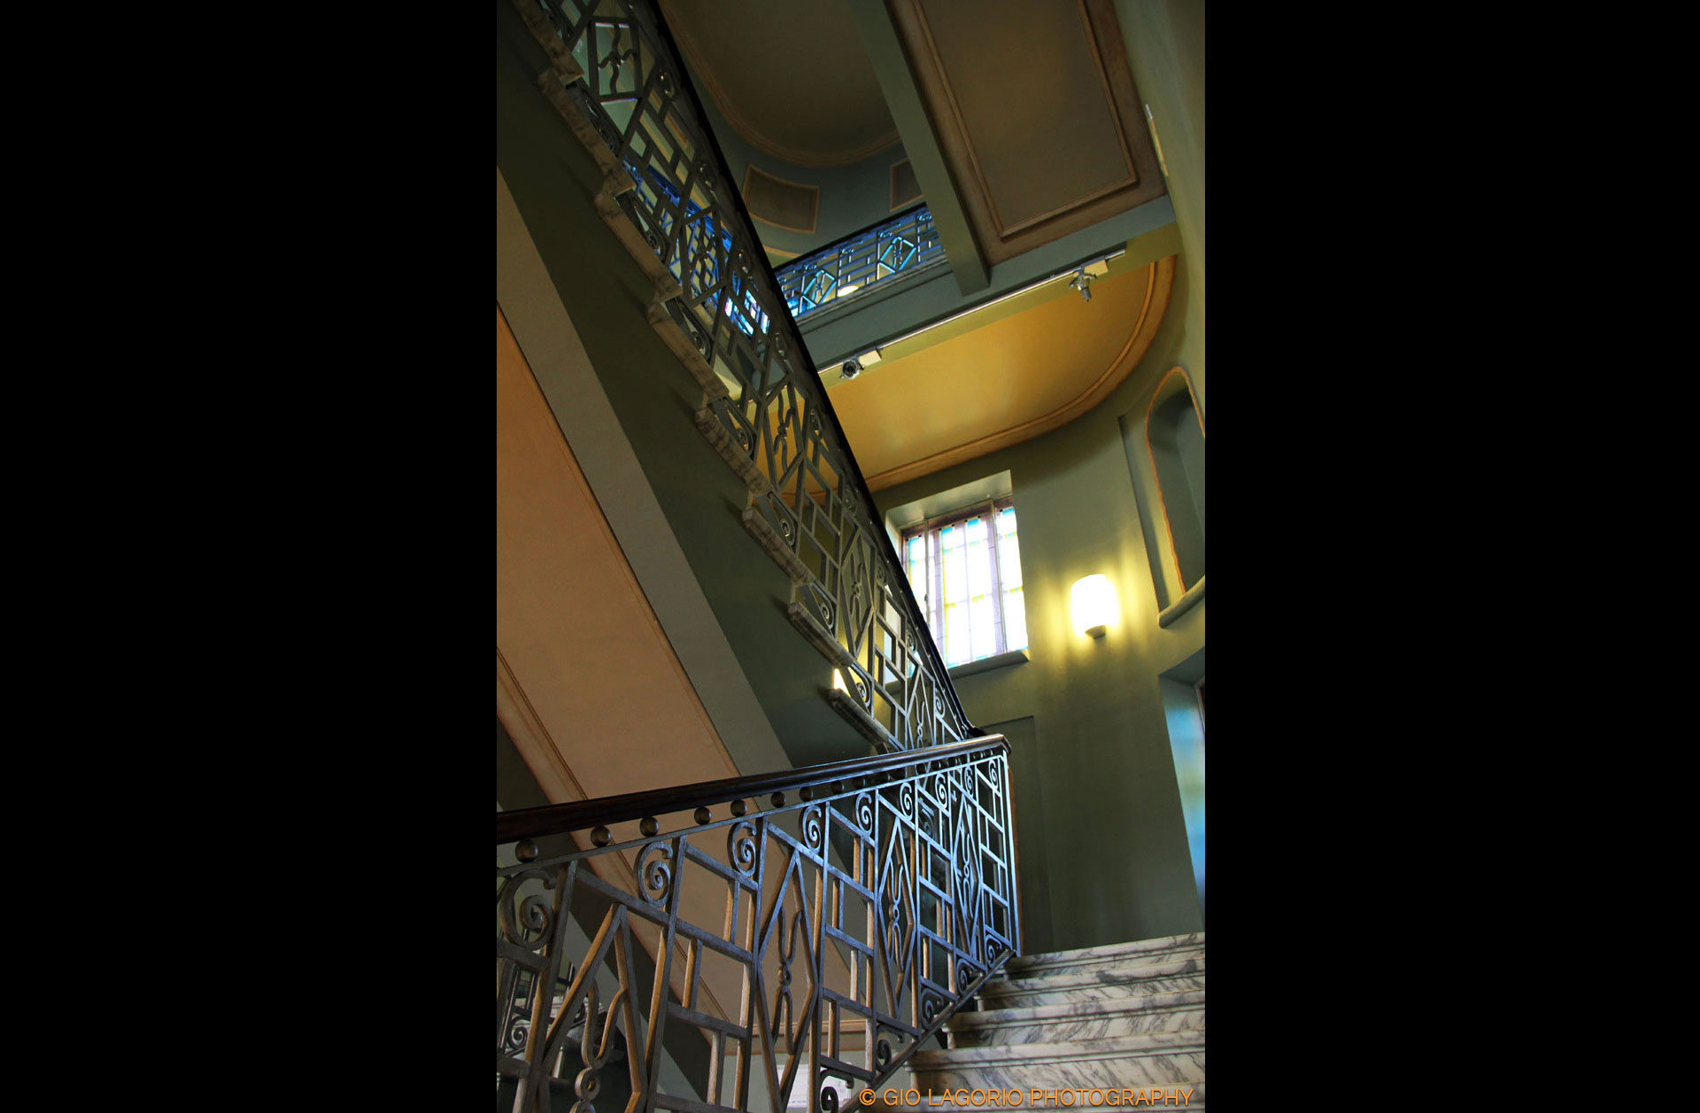 Le scale di accesso a piani superiori